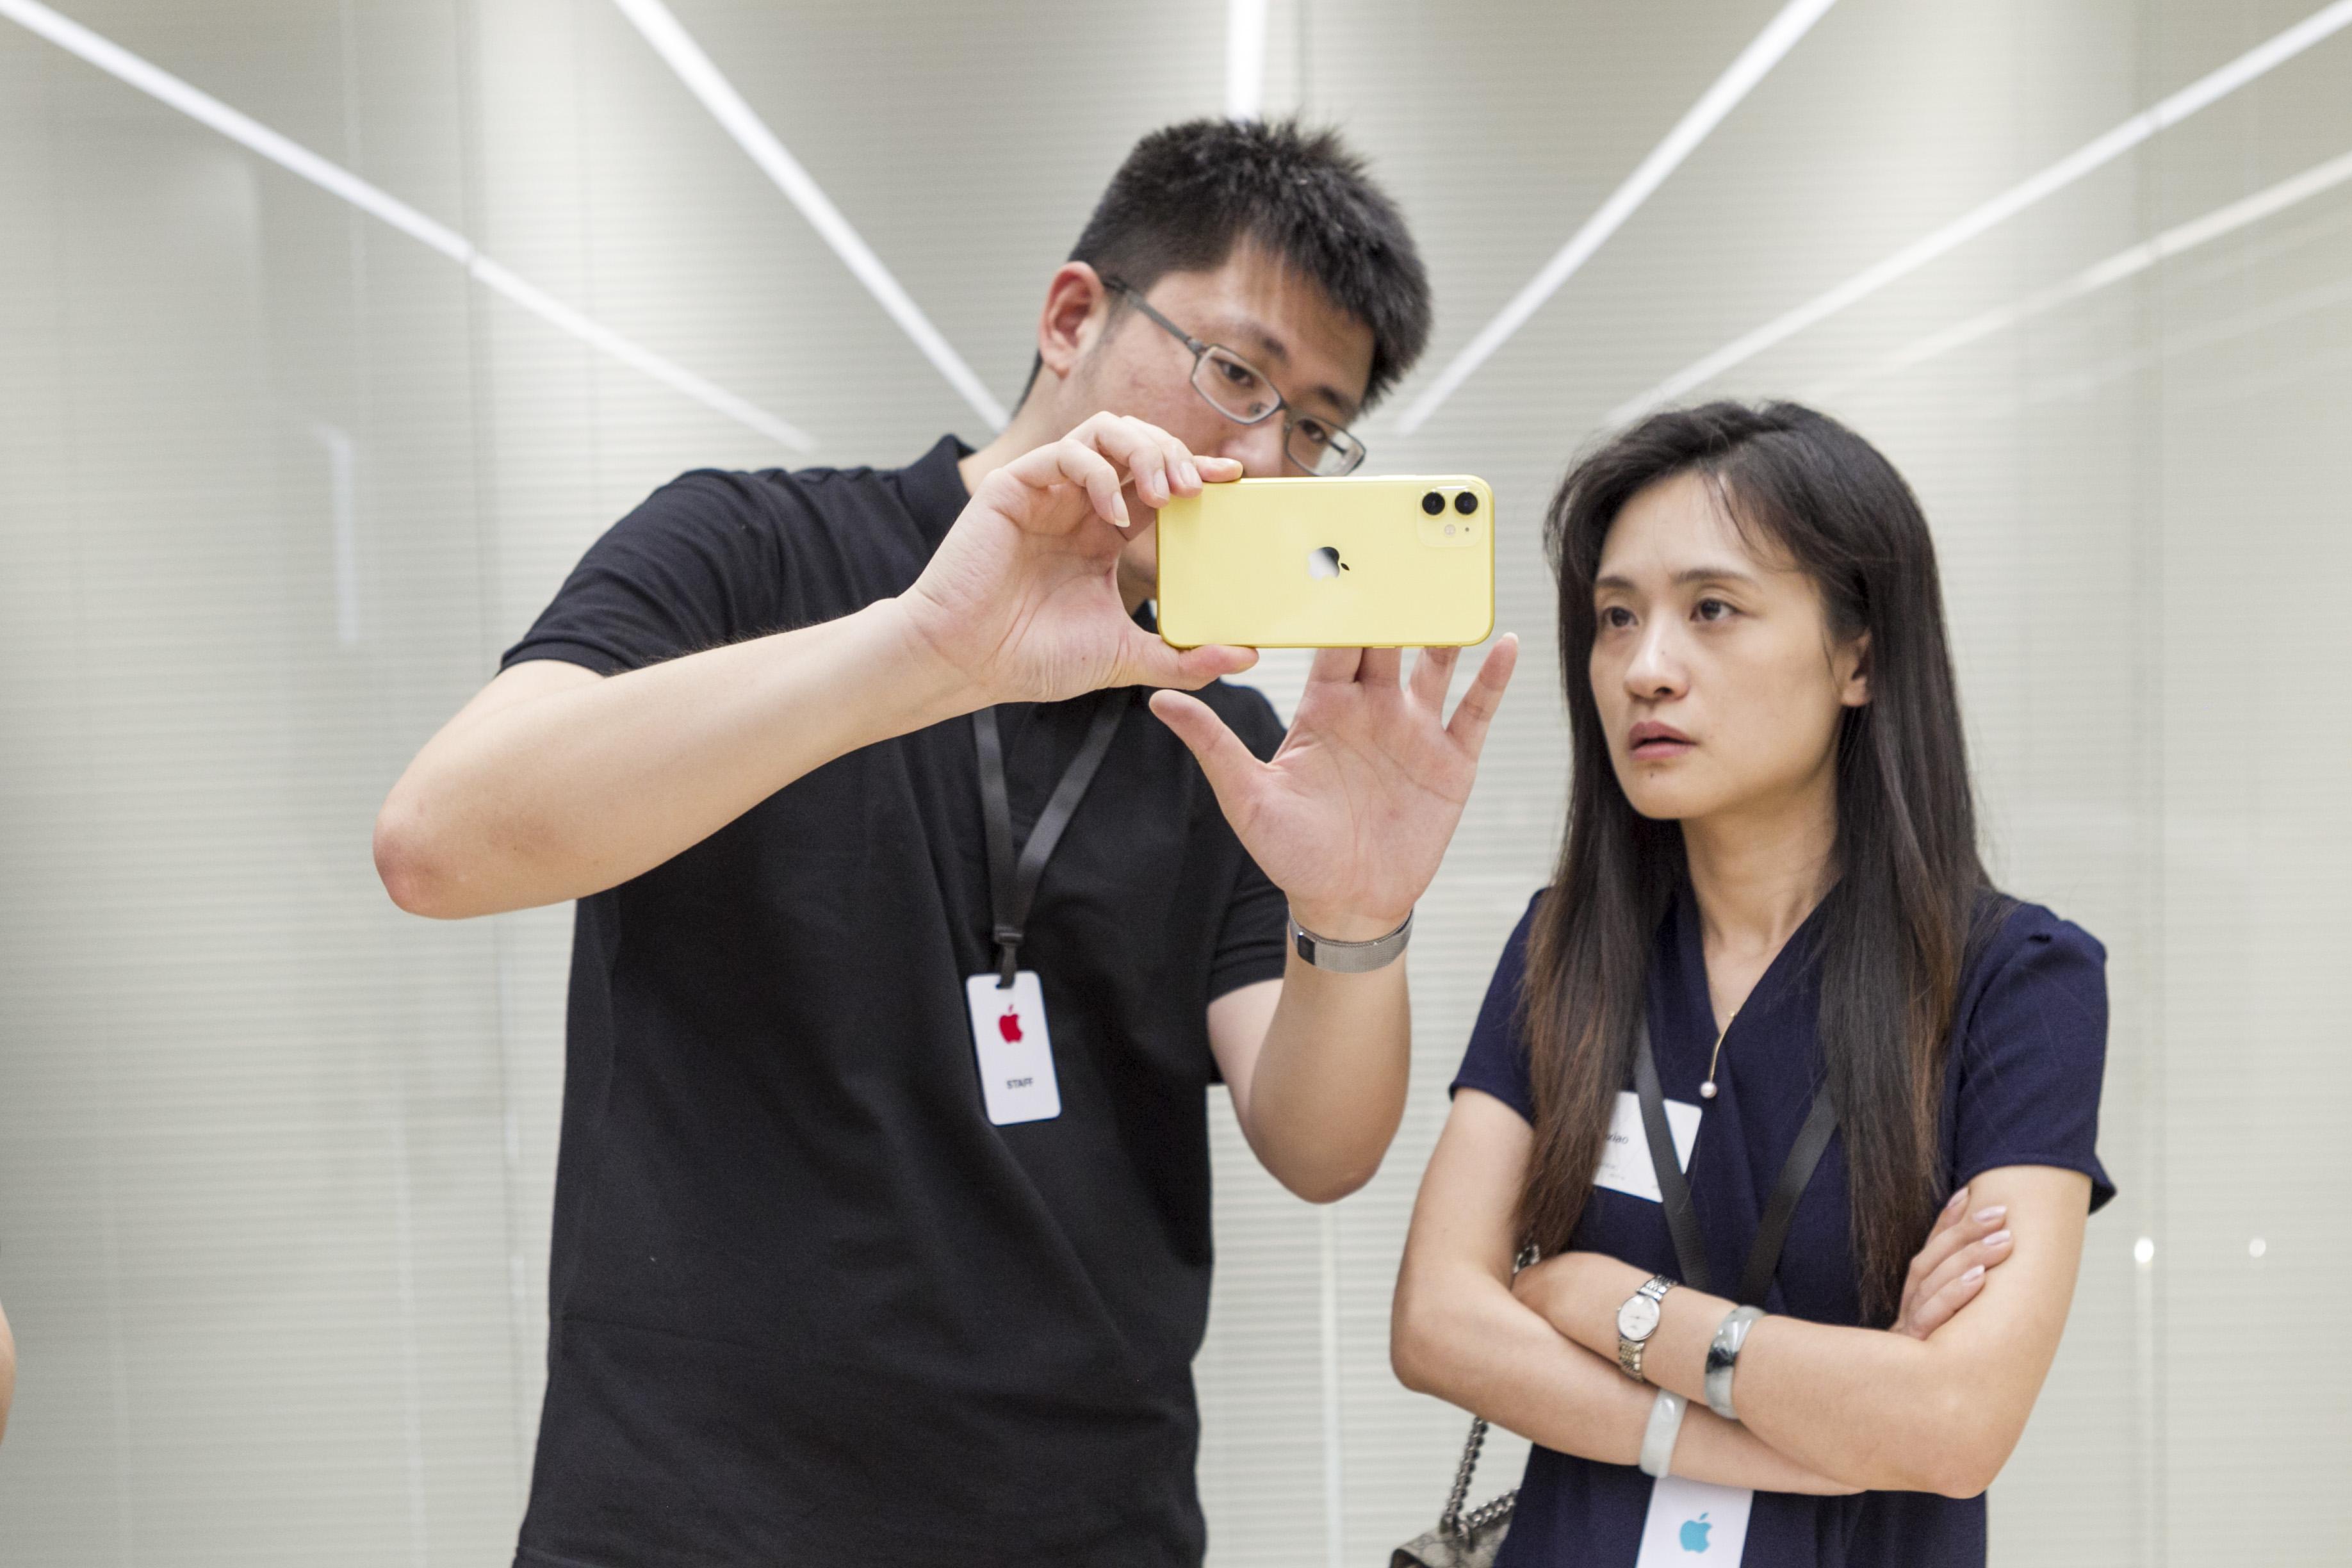 苹果公司在上海进行新品上市前路演